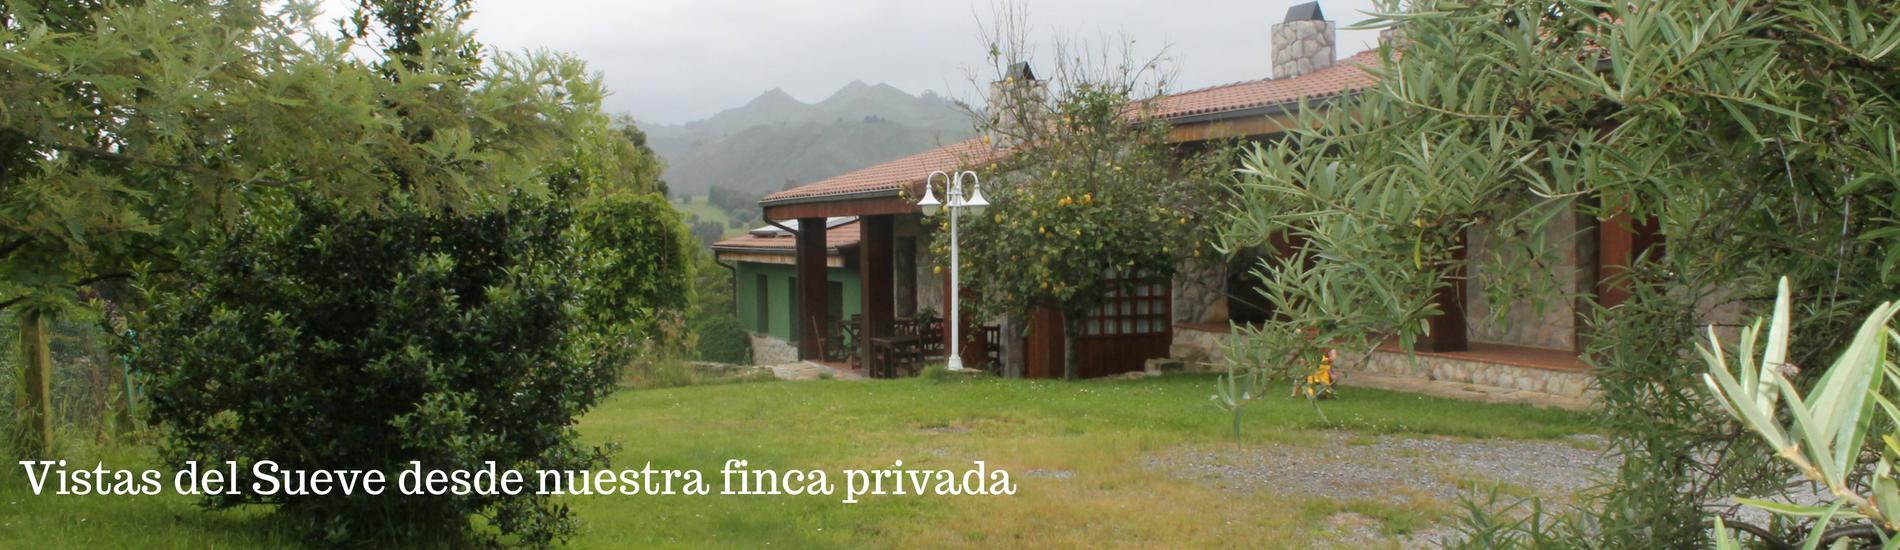 Nuestra casa, Ribadesella